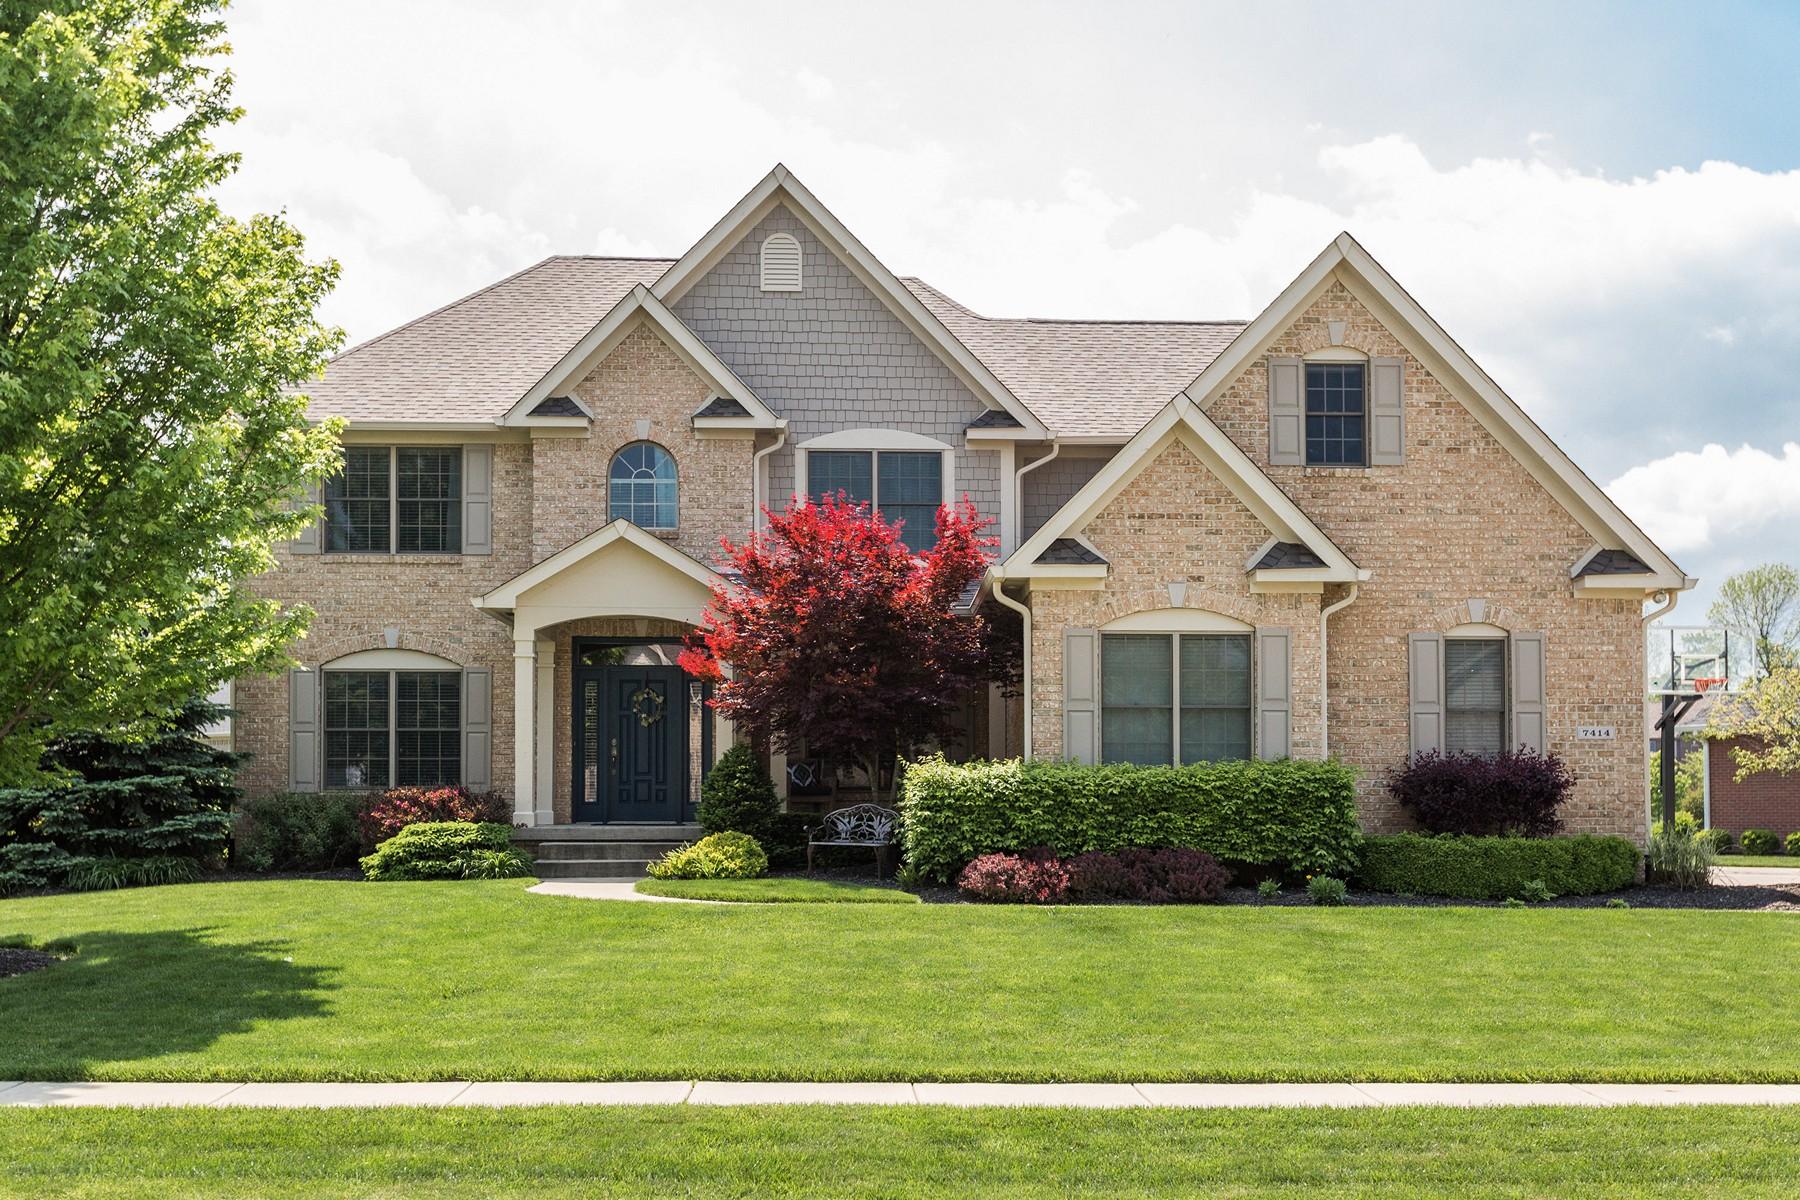 단독 가정 주택 용 매매 에 Gorgeous Home Ready For You 7414 Stones River Drive Indianapolis, 인디애나, 46259 미국